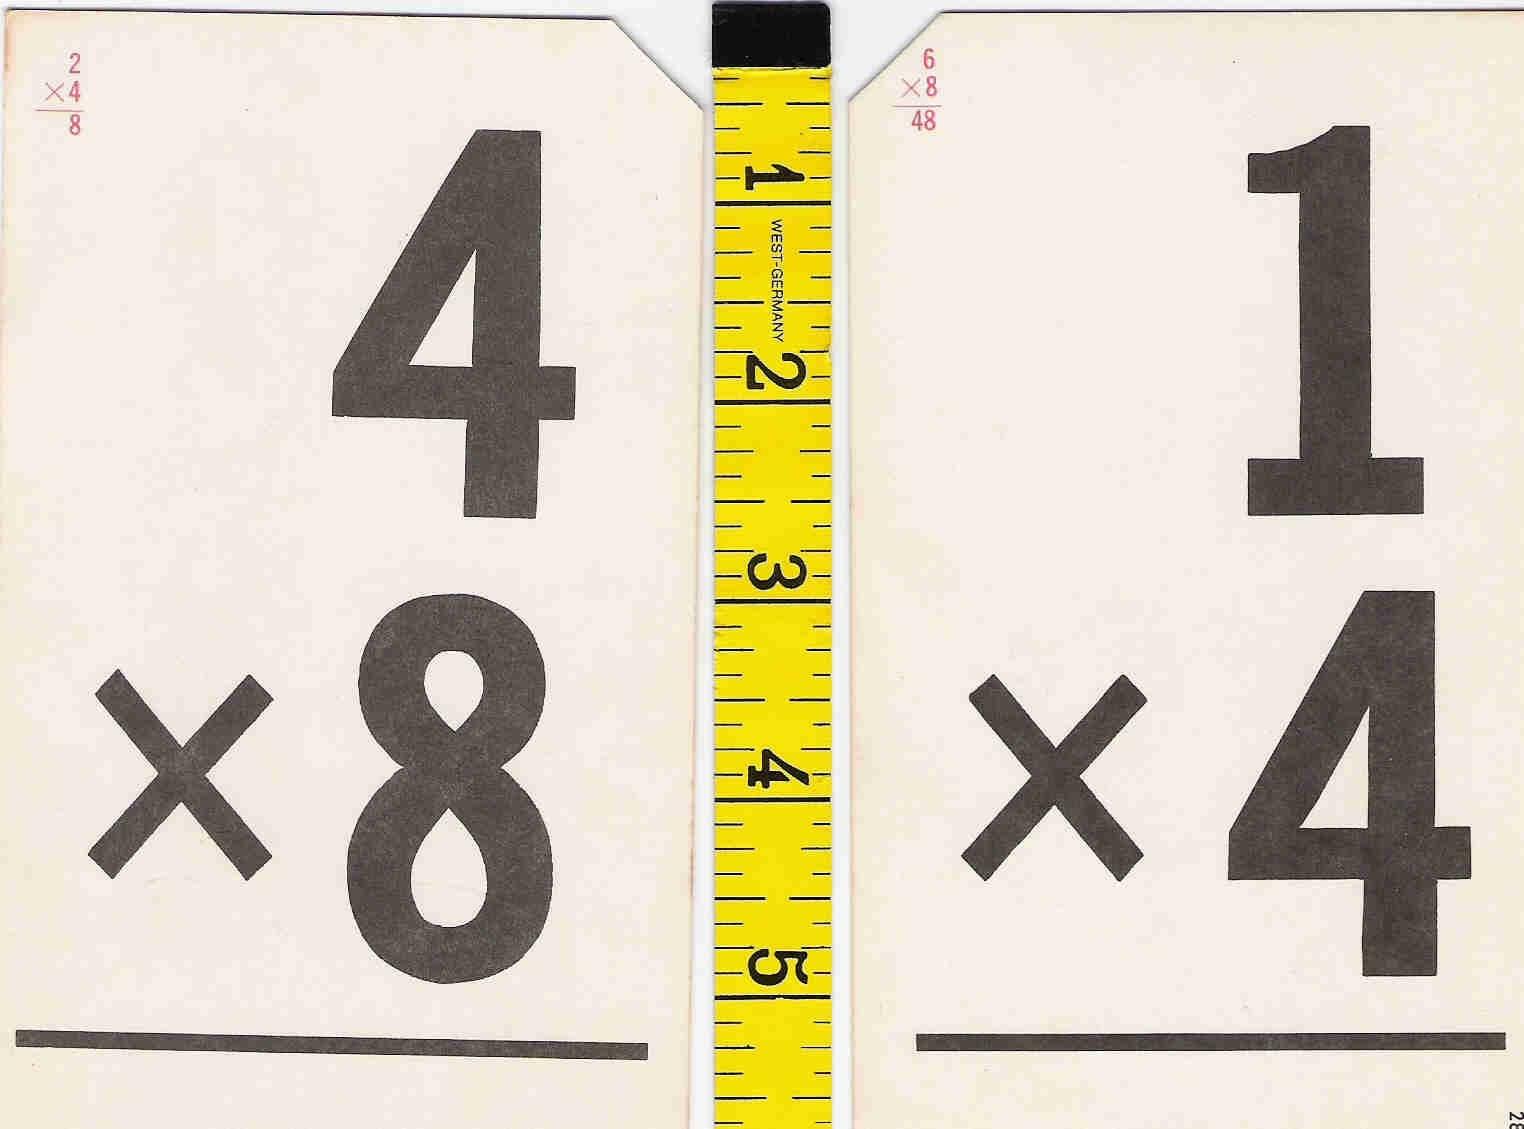 Two Digit Multiplication Secret Codes Harder